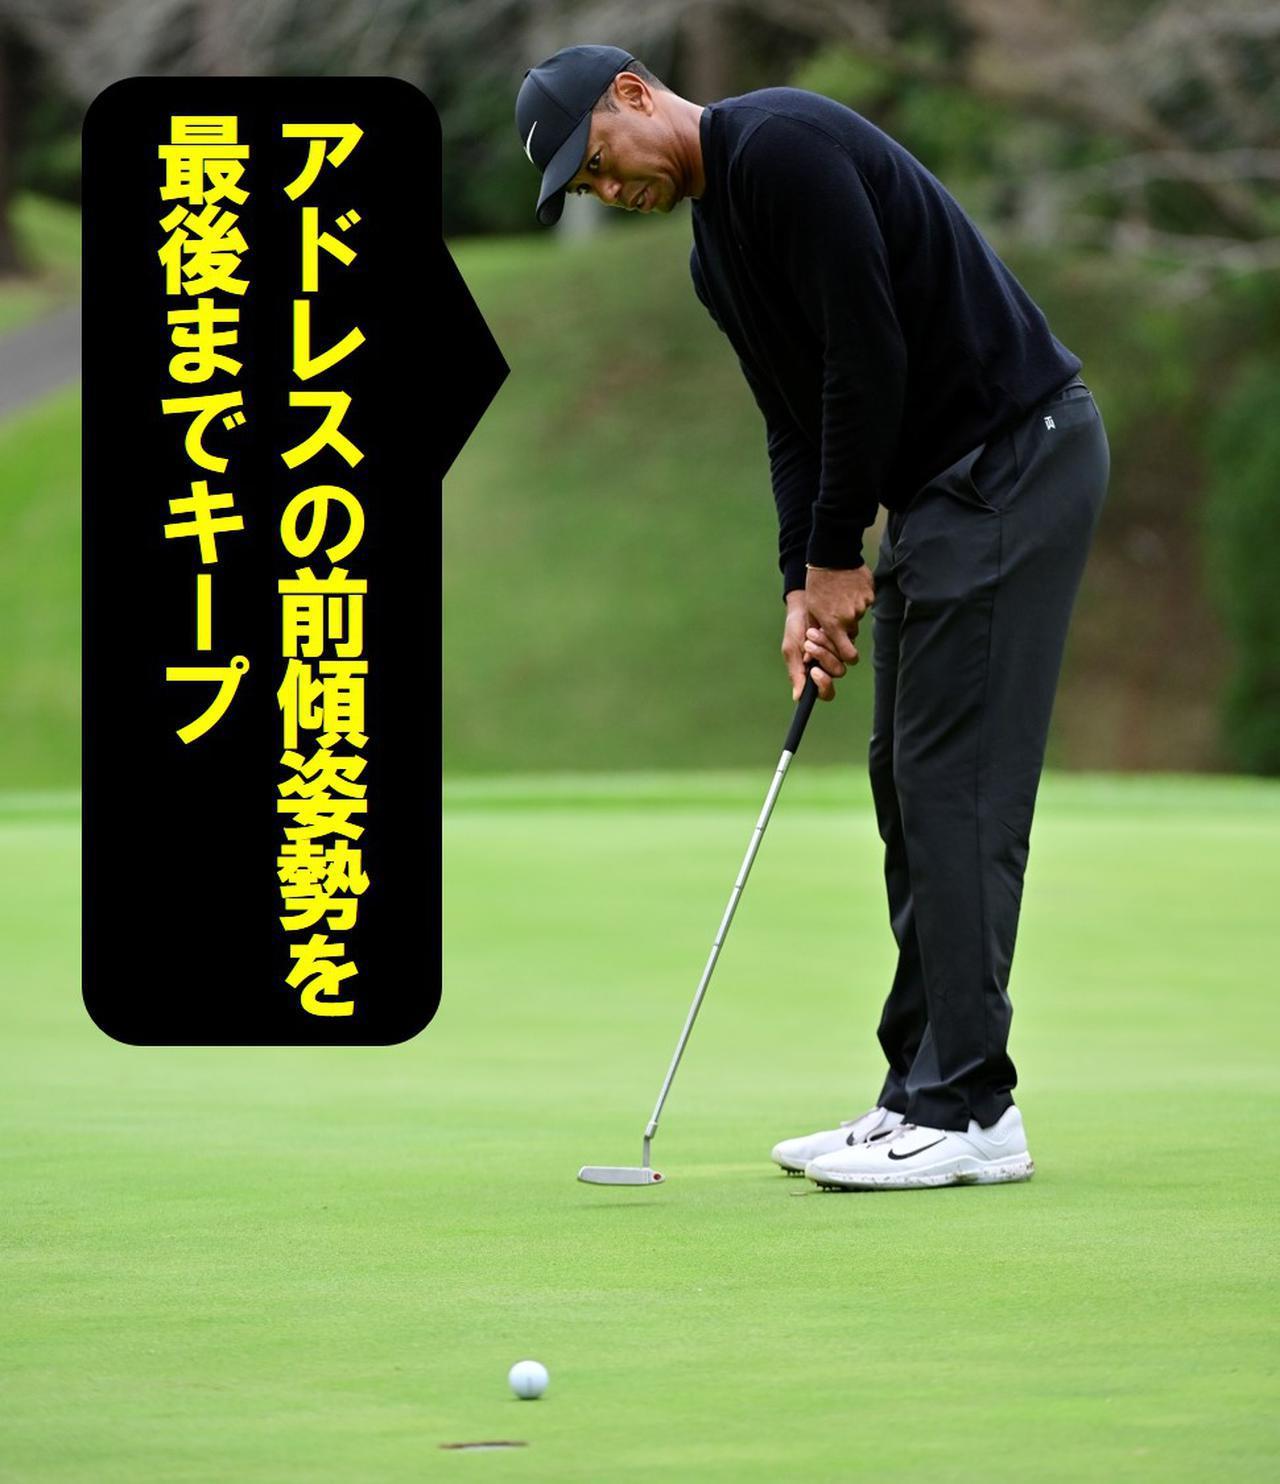 画像24: 【パット研究】タイガーの構えと打ち方、ギア選びに詰まった「パッティングの極意」、中井学プロが解説!